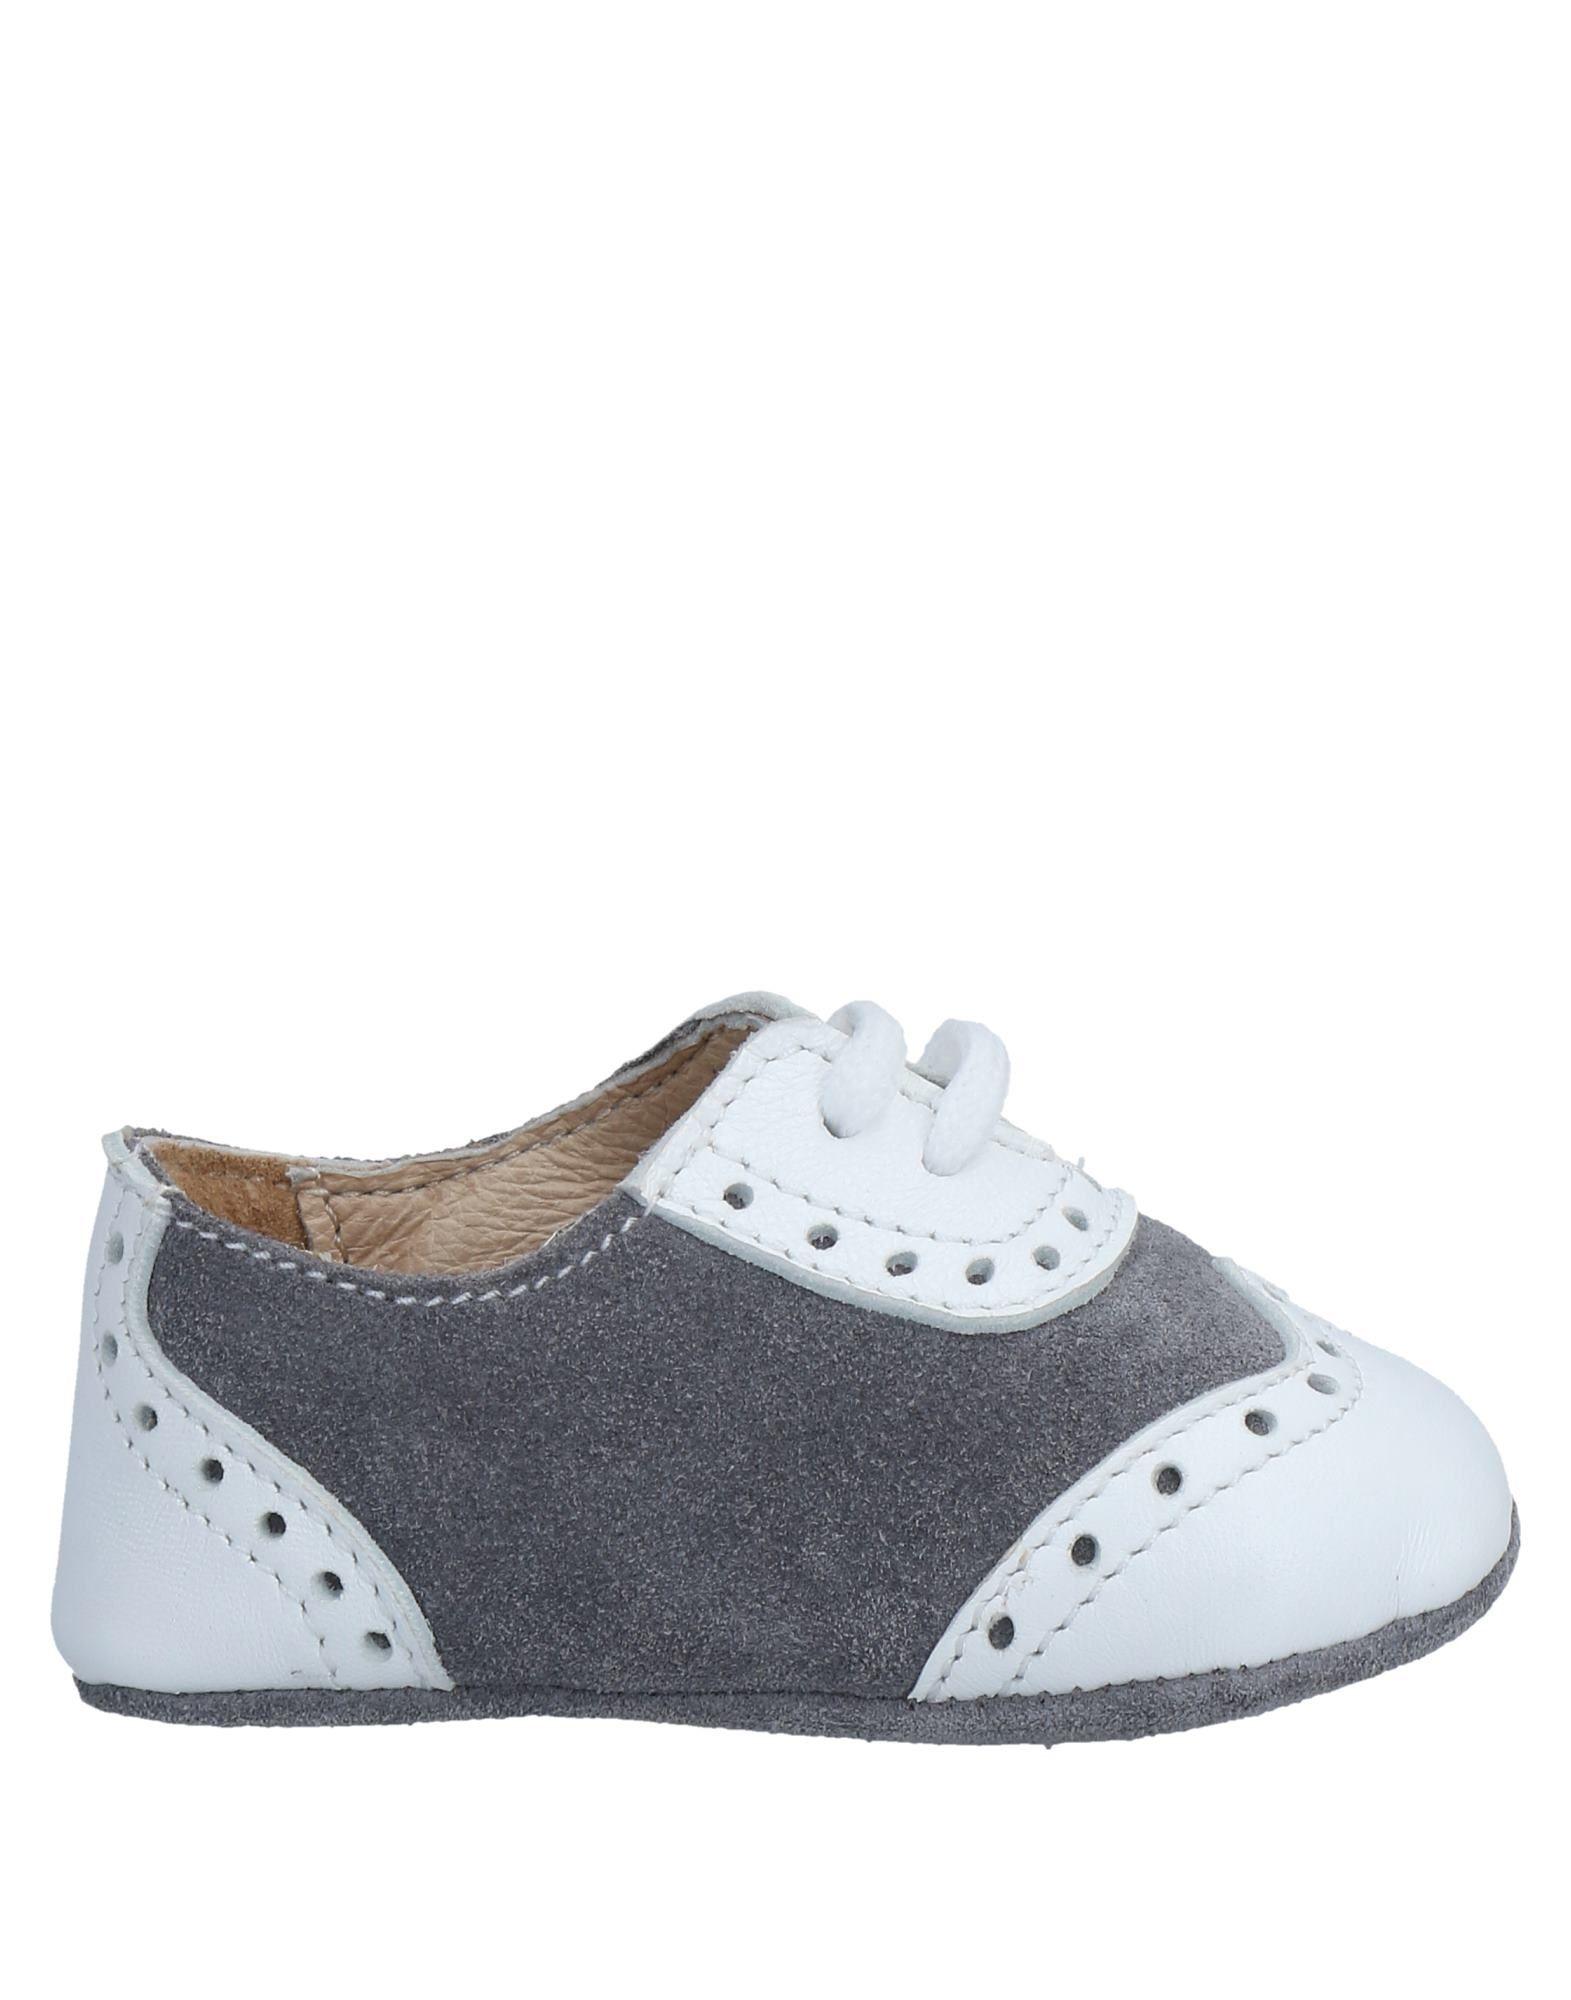 SONATINA Обувь для новорожденных